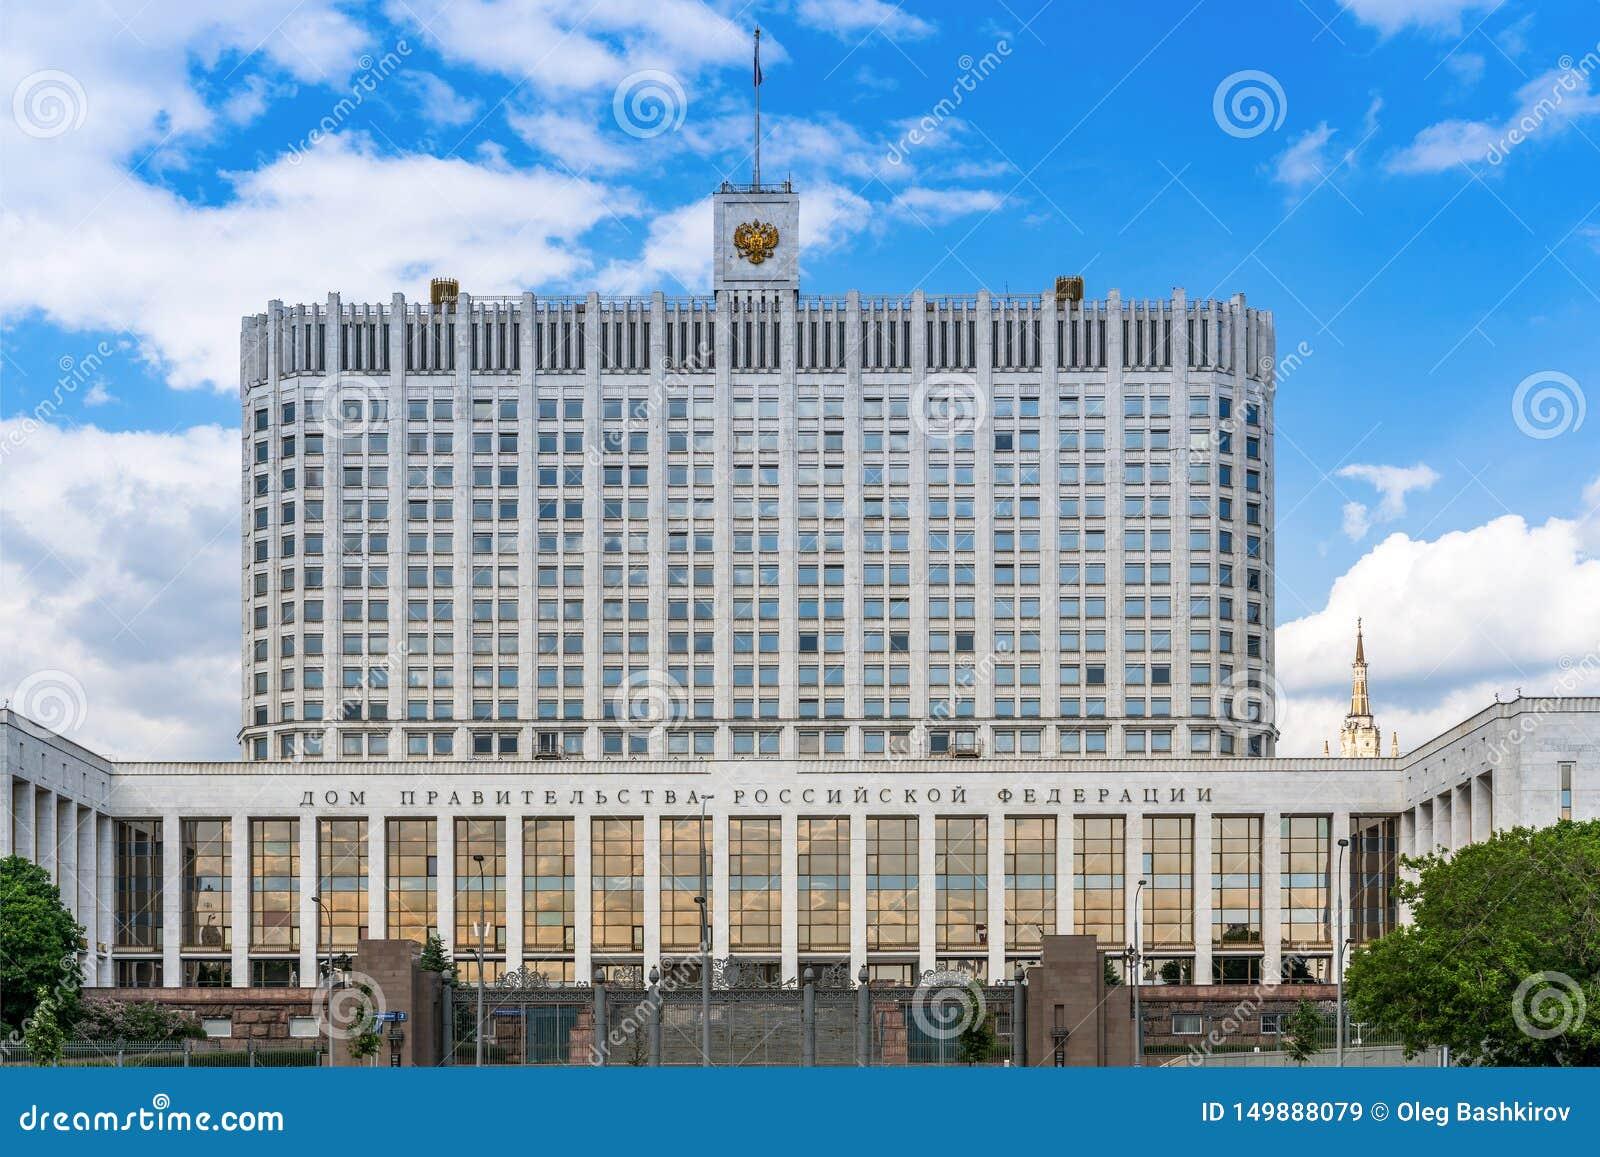 Μόσχα, Ρωσία - 26 Μαΐου 2019: Οικοδόμηση της κυβέρνησης της Ρωσικής Ομοσπονδίας στο Λευκό Οίκο της Μόσχας